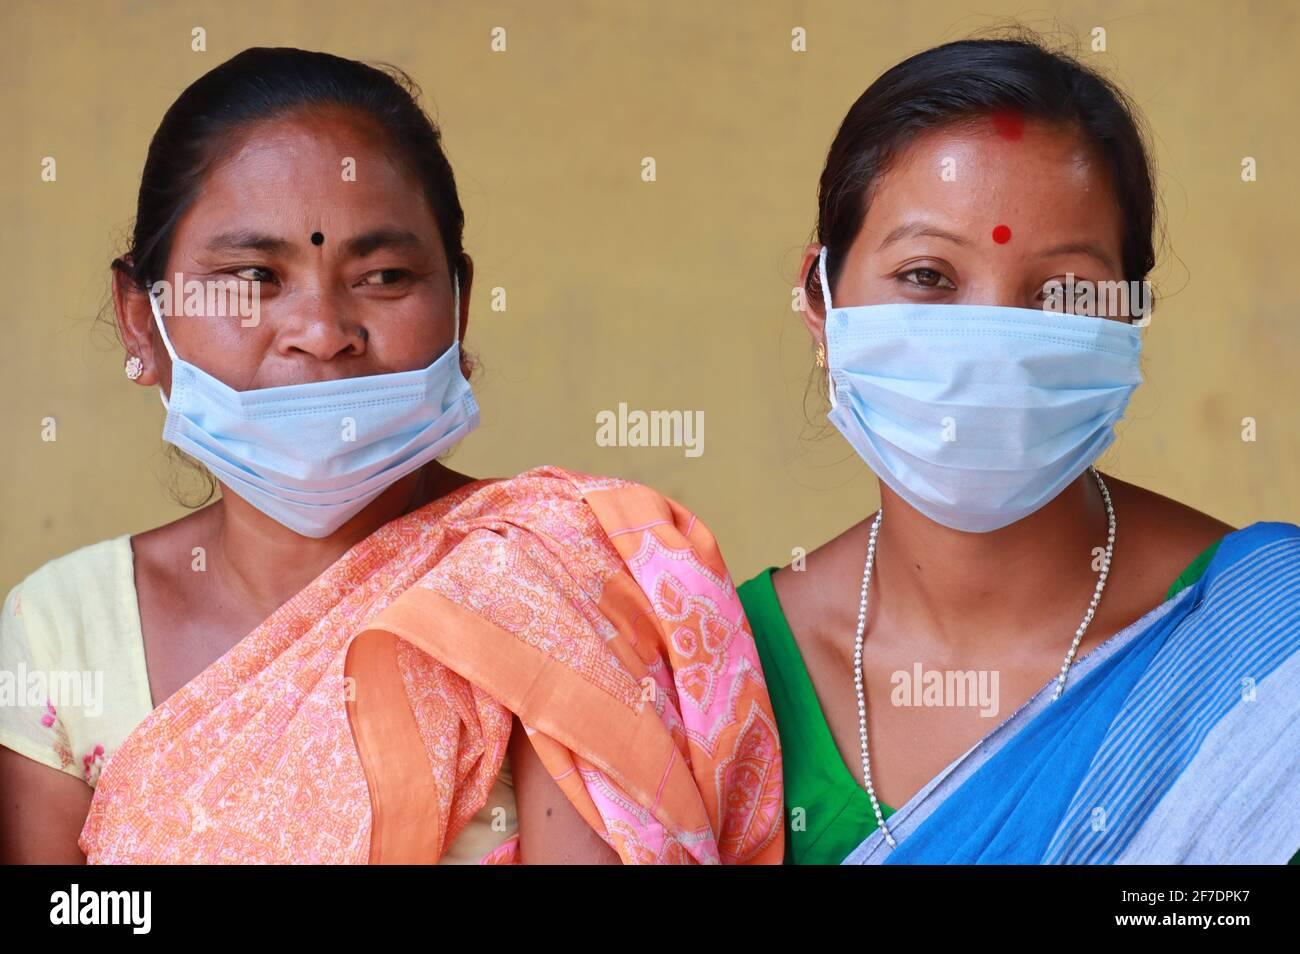 Kamrup, Assam, Indien. April 2021. Wähler in einem Wahllokal zur dritten Phase der Wahlen zur Assam-Versammlung, in einem Dorf inmitten der COVID-19-Coronavirus-Pandemie am 6. April 2021 in Kamrup, Indien. Die Parlamentswahlen im Bundesstaat Assam fanden in drei Phasen ab März 27 statt. In 1, 53,538 Wahlstationen, die sich heute über 475 Wahlkreise der Versammlung in fünf indischen Bundesstaaten verteilten, wurden Stimmen abgefragt. Quelle: David Talukdar/ZUMA Wire/Alamy Live News Stockfoto